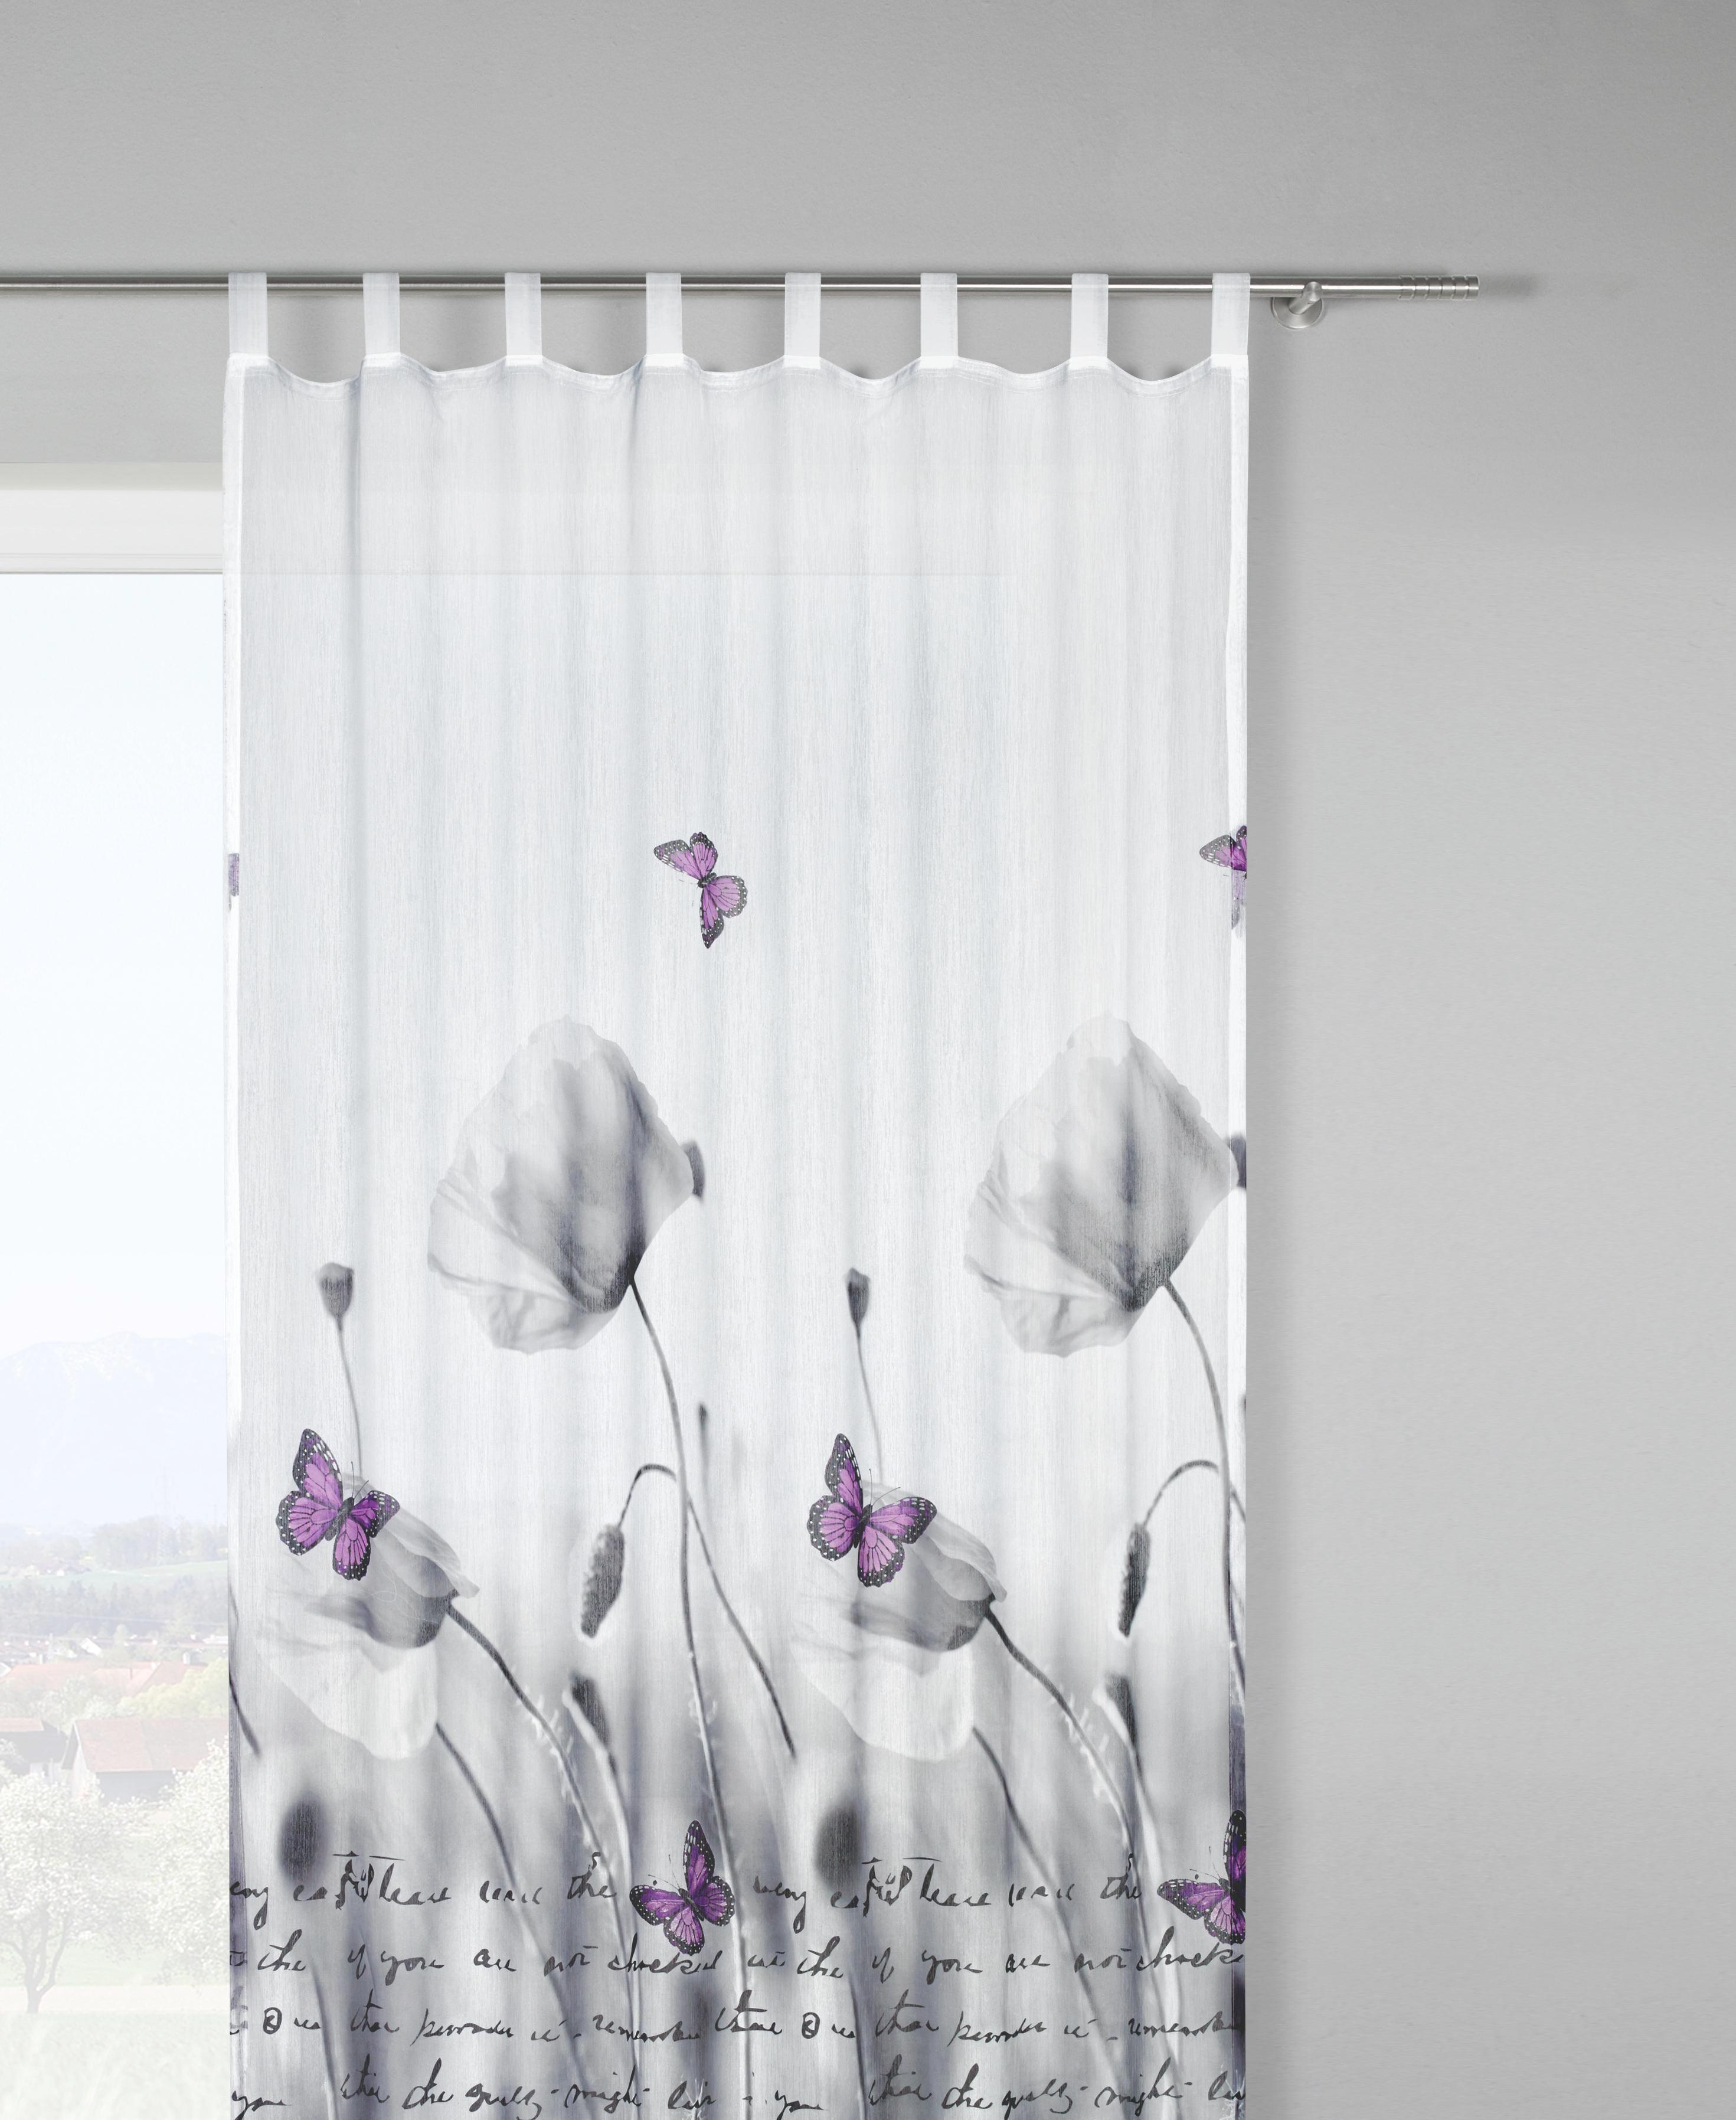 Készfüggöny Poppy - fehér/szürke, romantikus/Landhaus, textil (135/245cm) - MÖMAX modern living